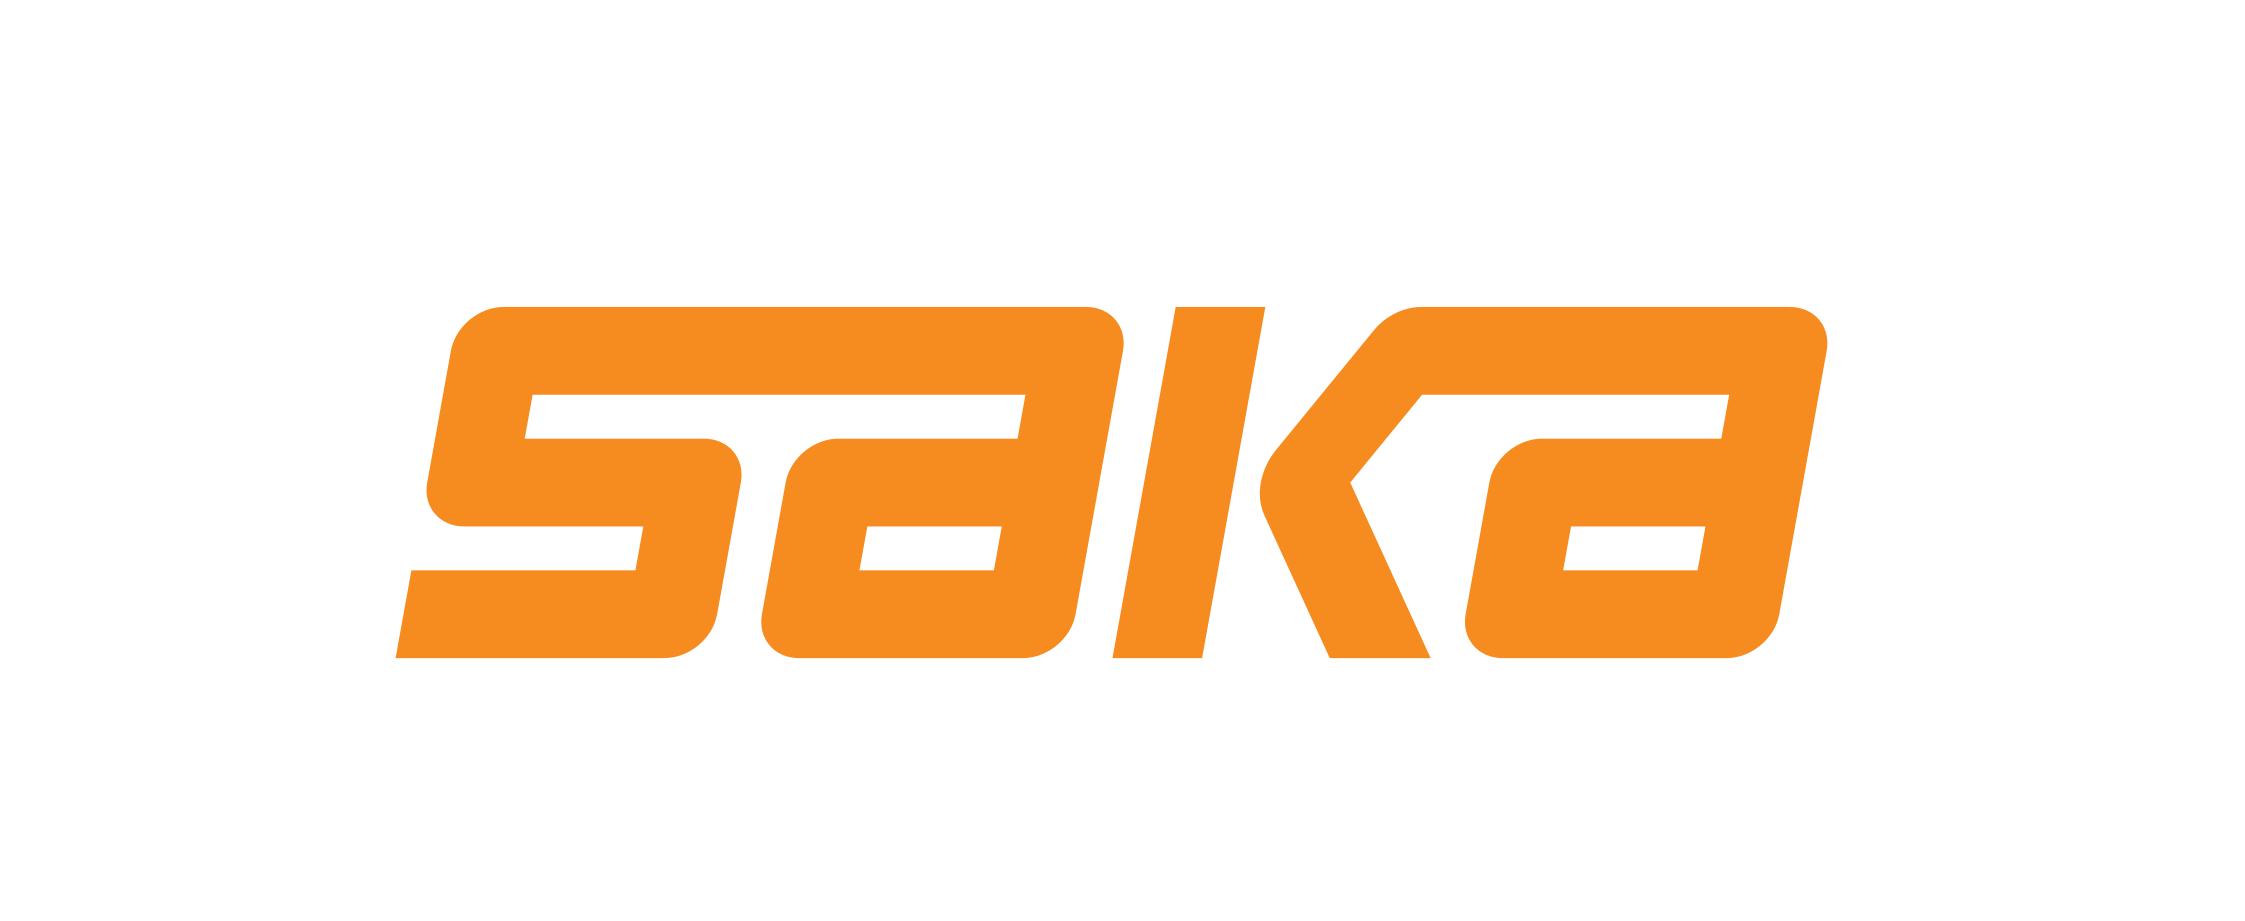 Saka Fisplay